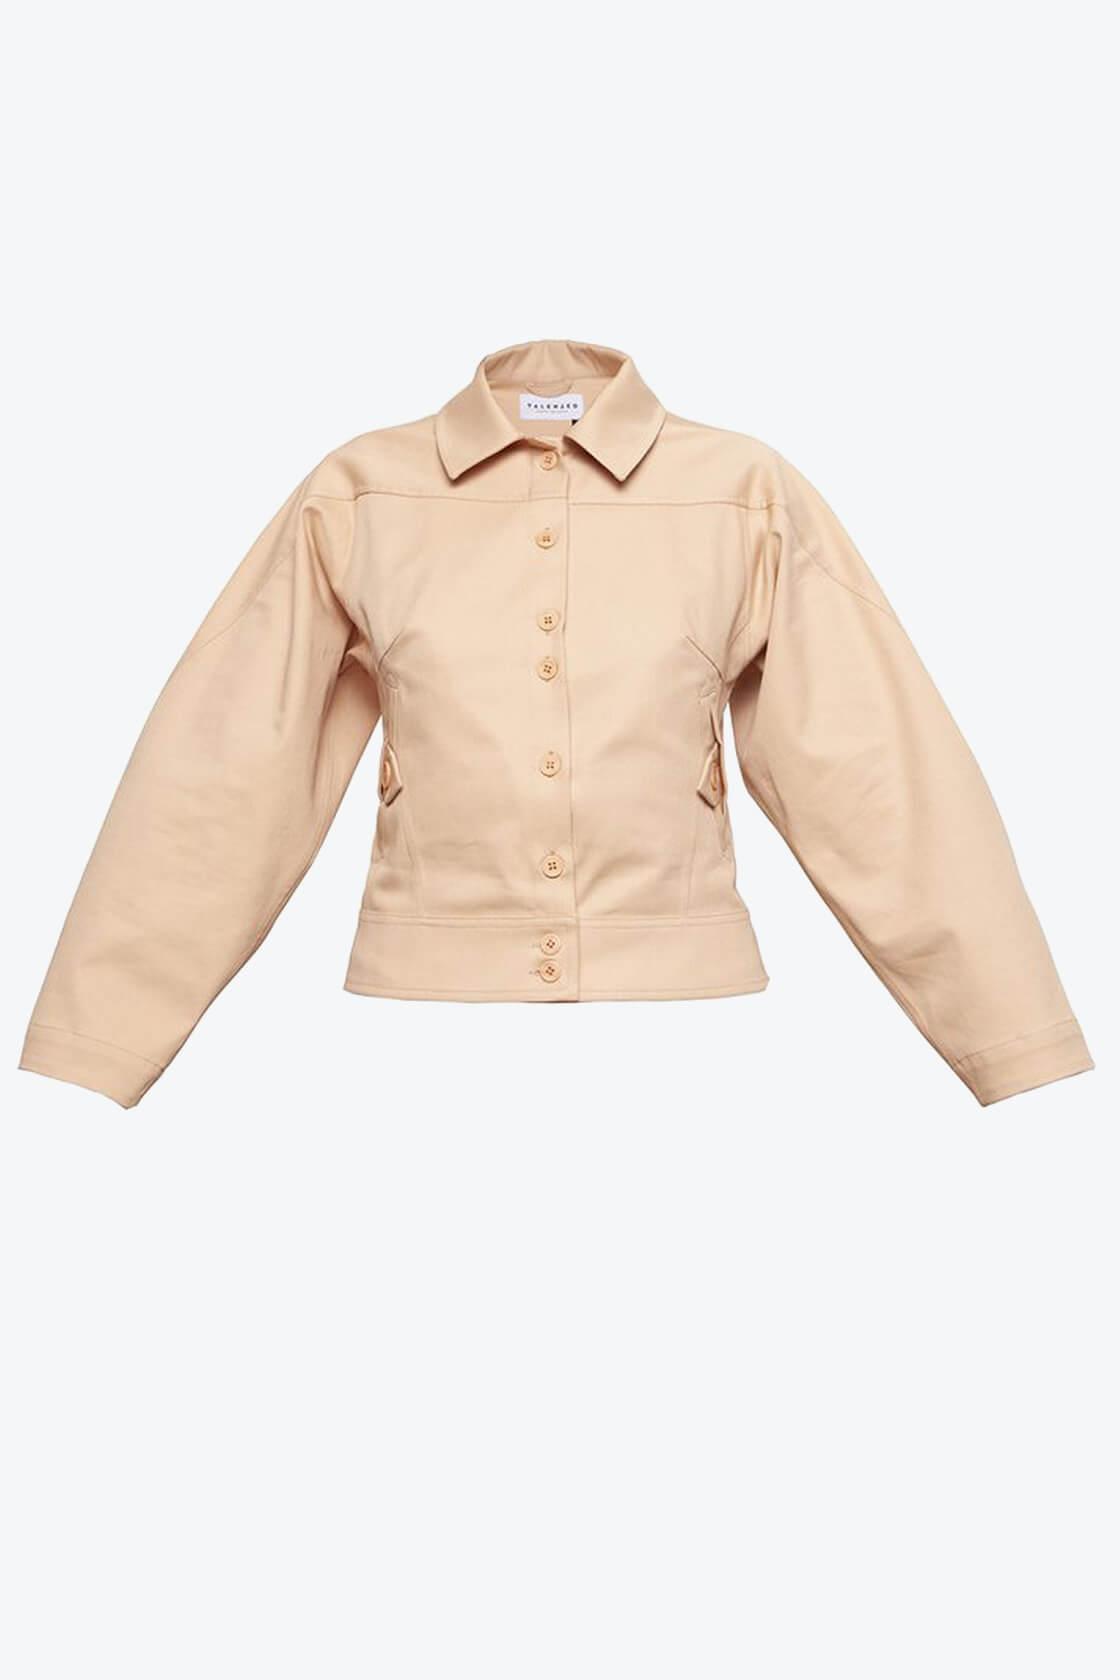 OL10000222 Wide sleeve jacket nude1